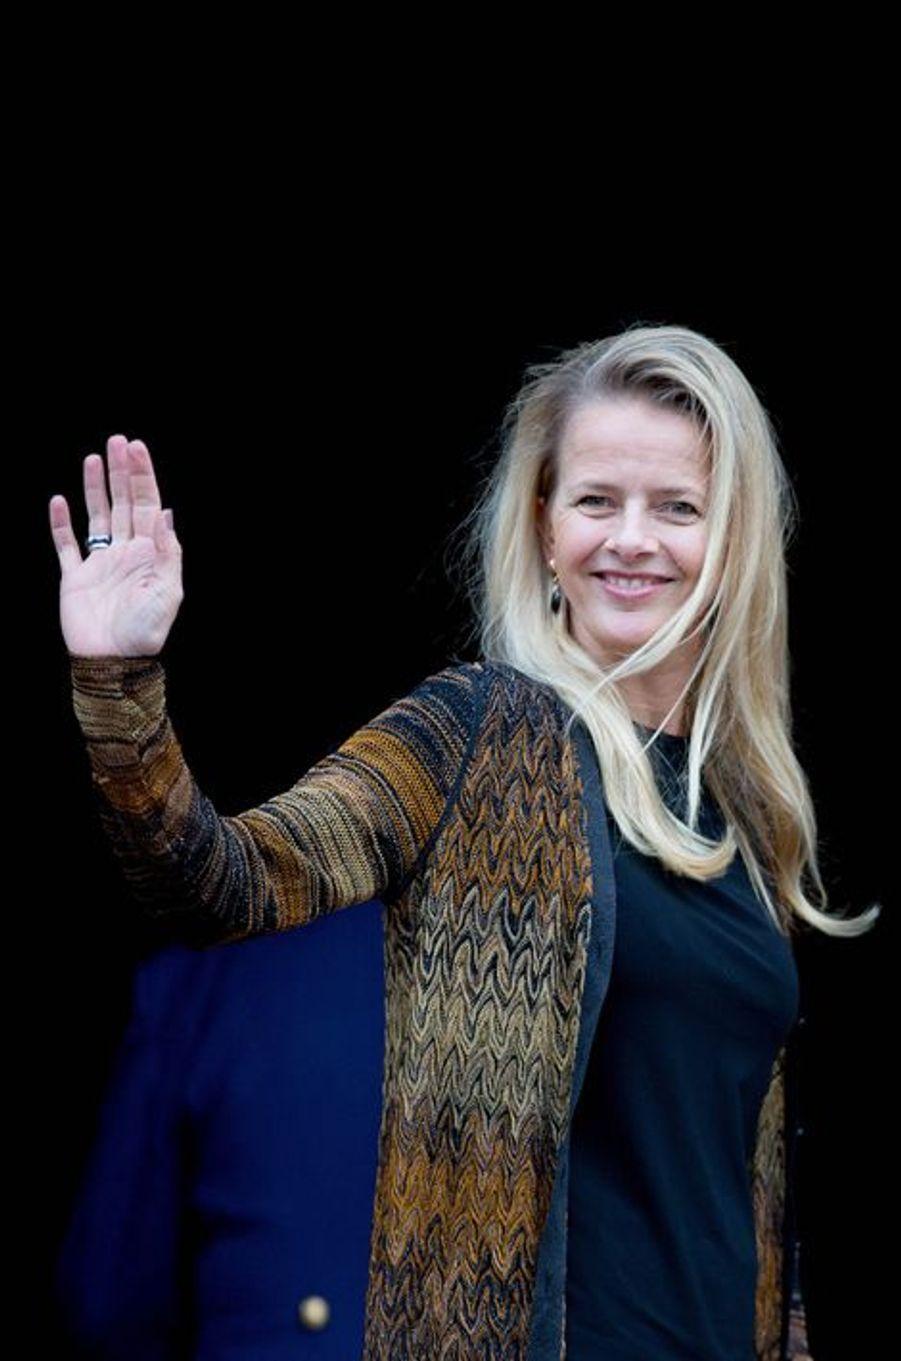 La princesse Mabel des Pays-Bas à Amsterdam, le 2 décembre 2015